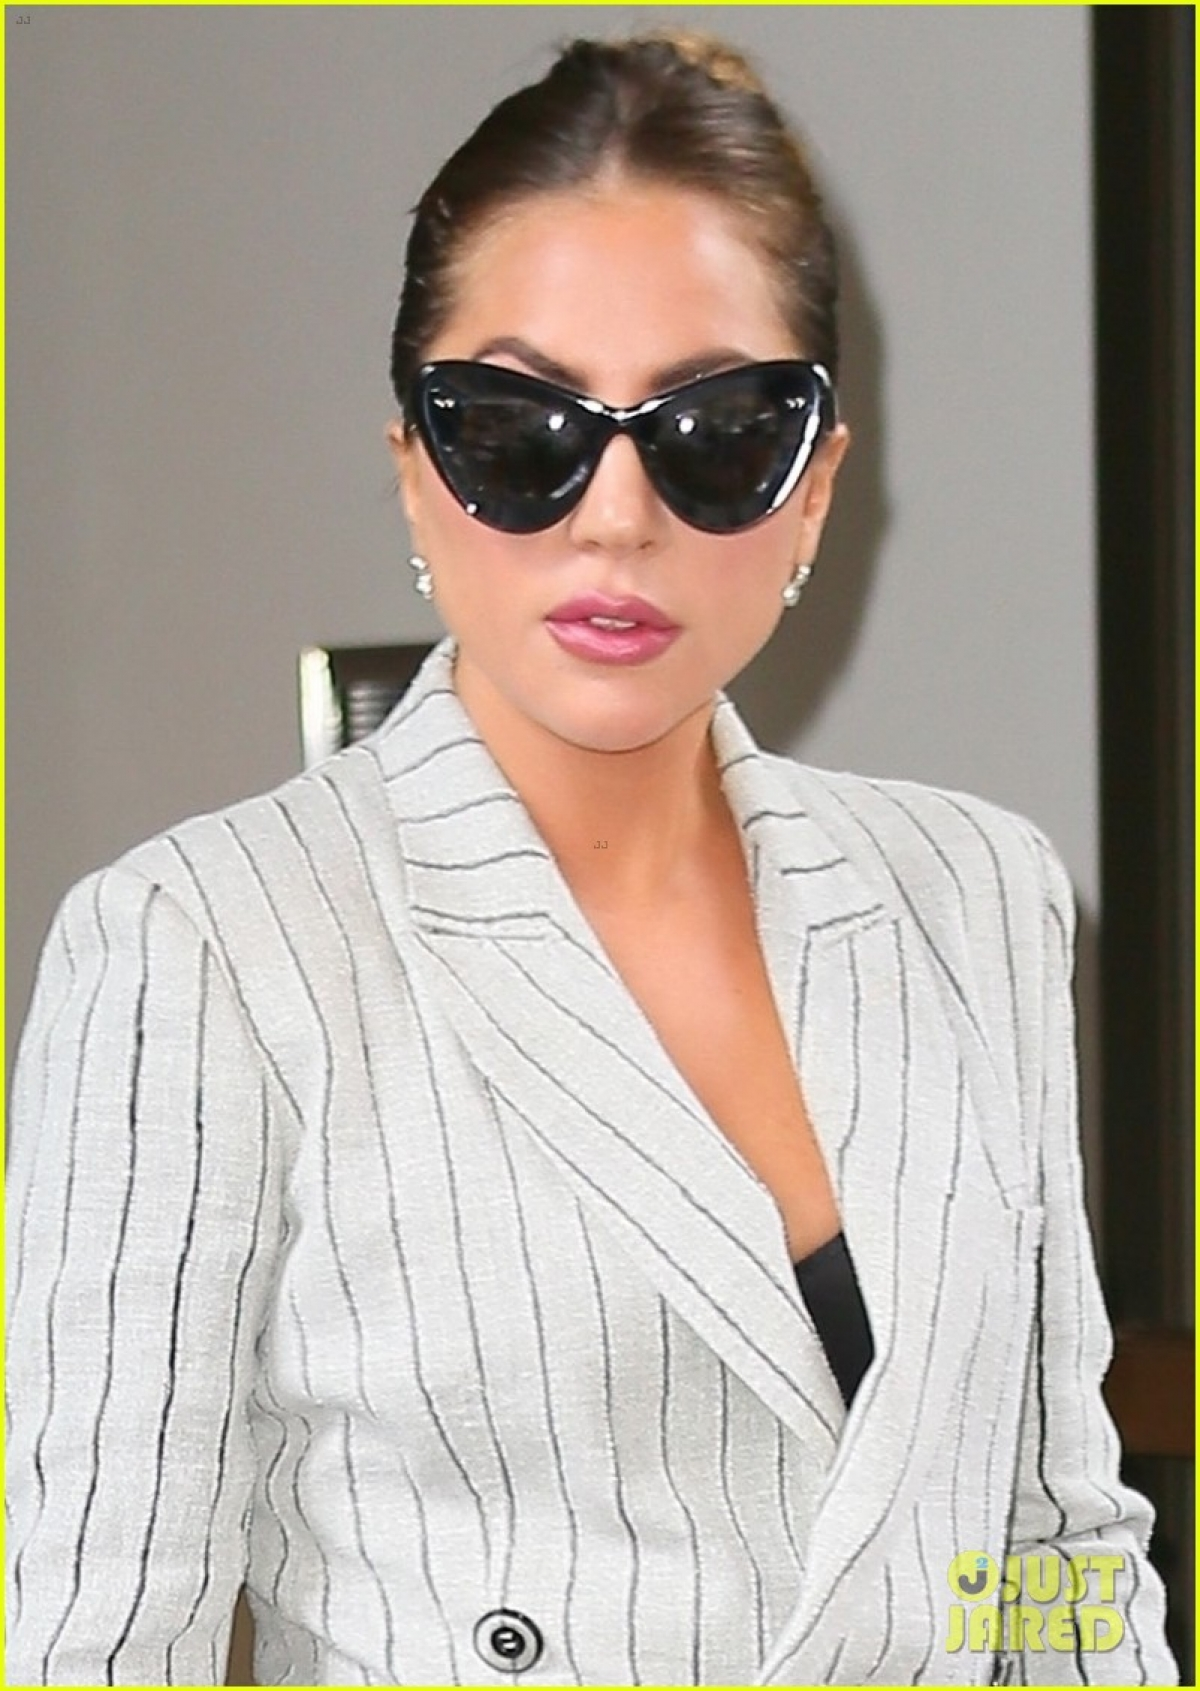 Ngày 2/8, Lady Gaga tiếp tục đến nhà hát Radio City Music Hall ở Manhattan, New York, để diễn tập cho buổi hòa nhạc sắp tới.